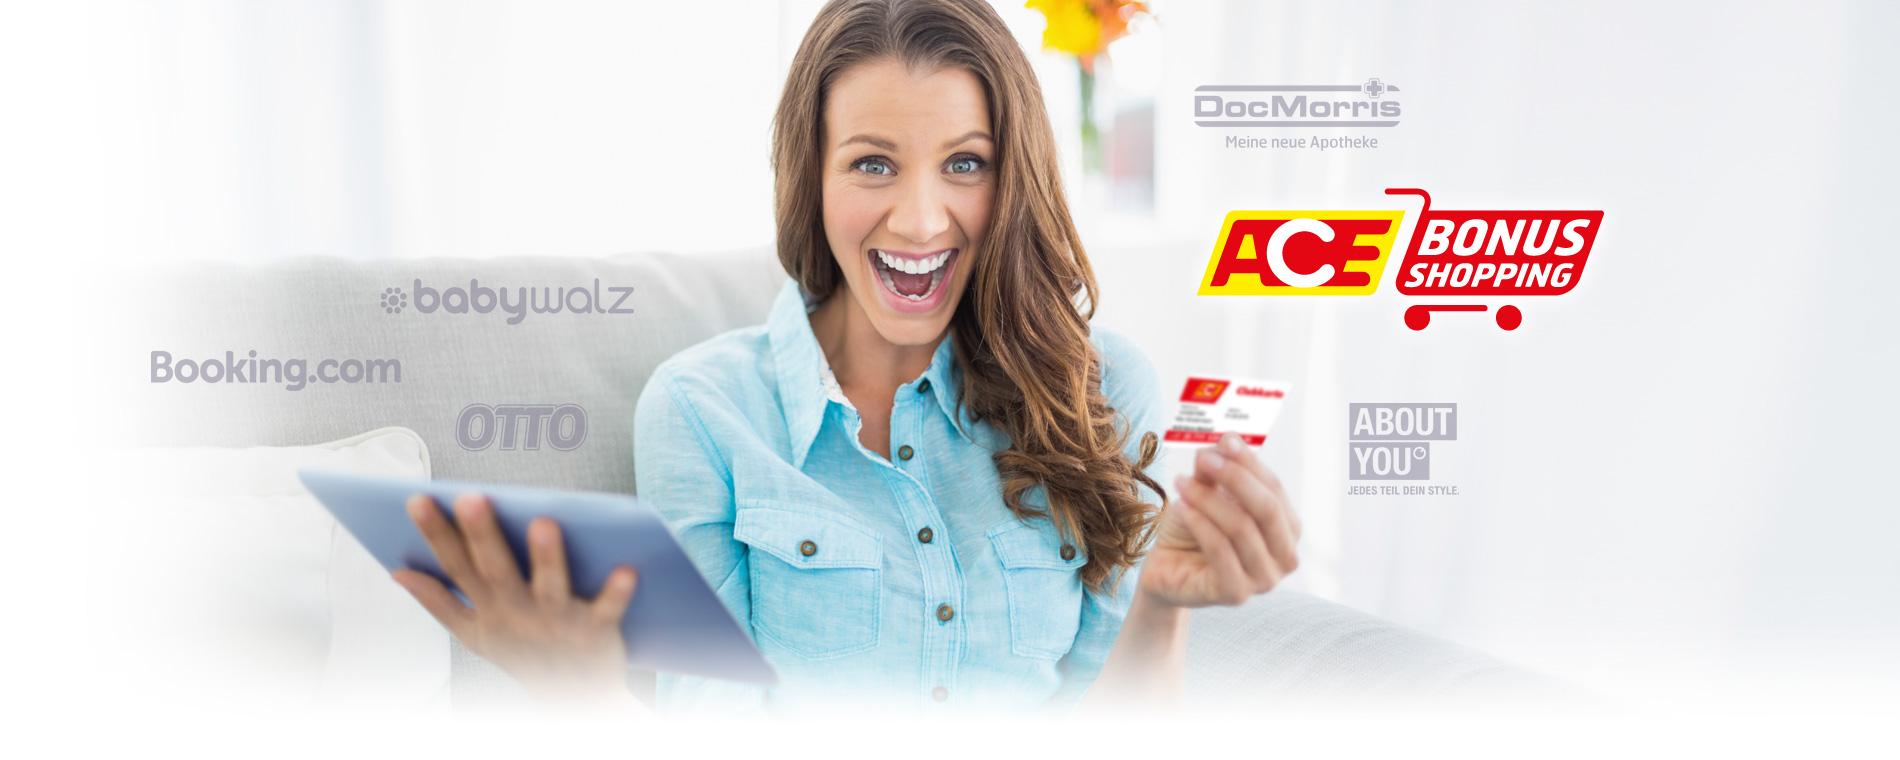 Mit dem ACE-BonusShopping können Mitglieder richtig sparen